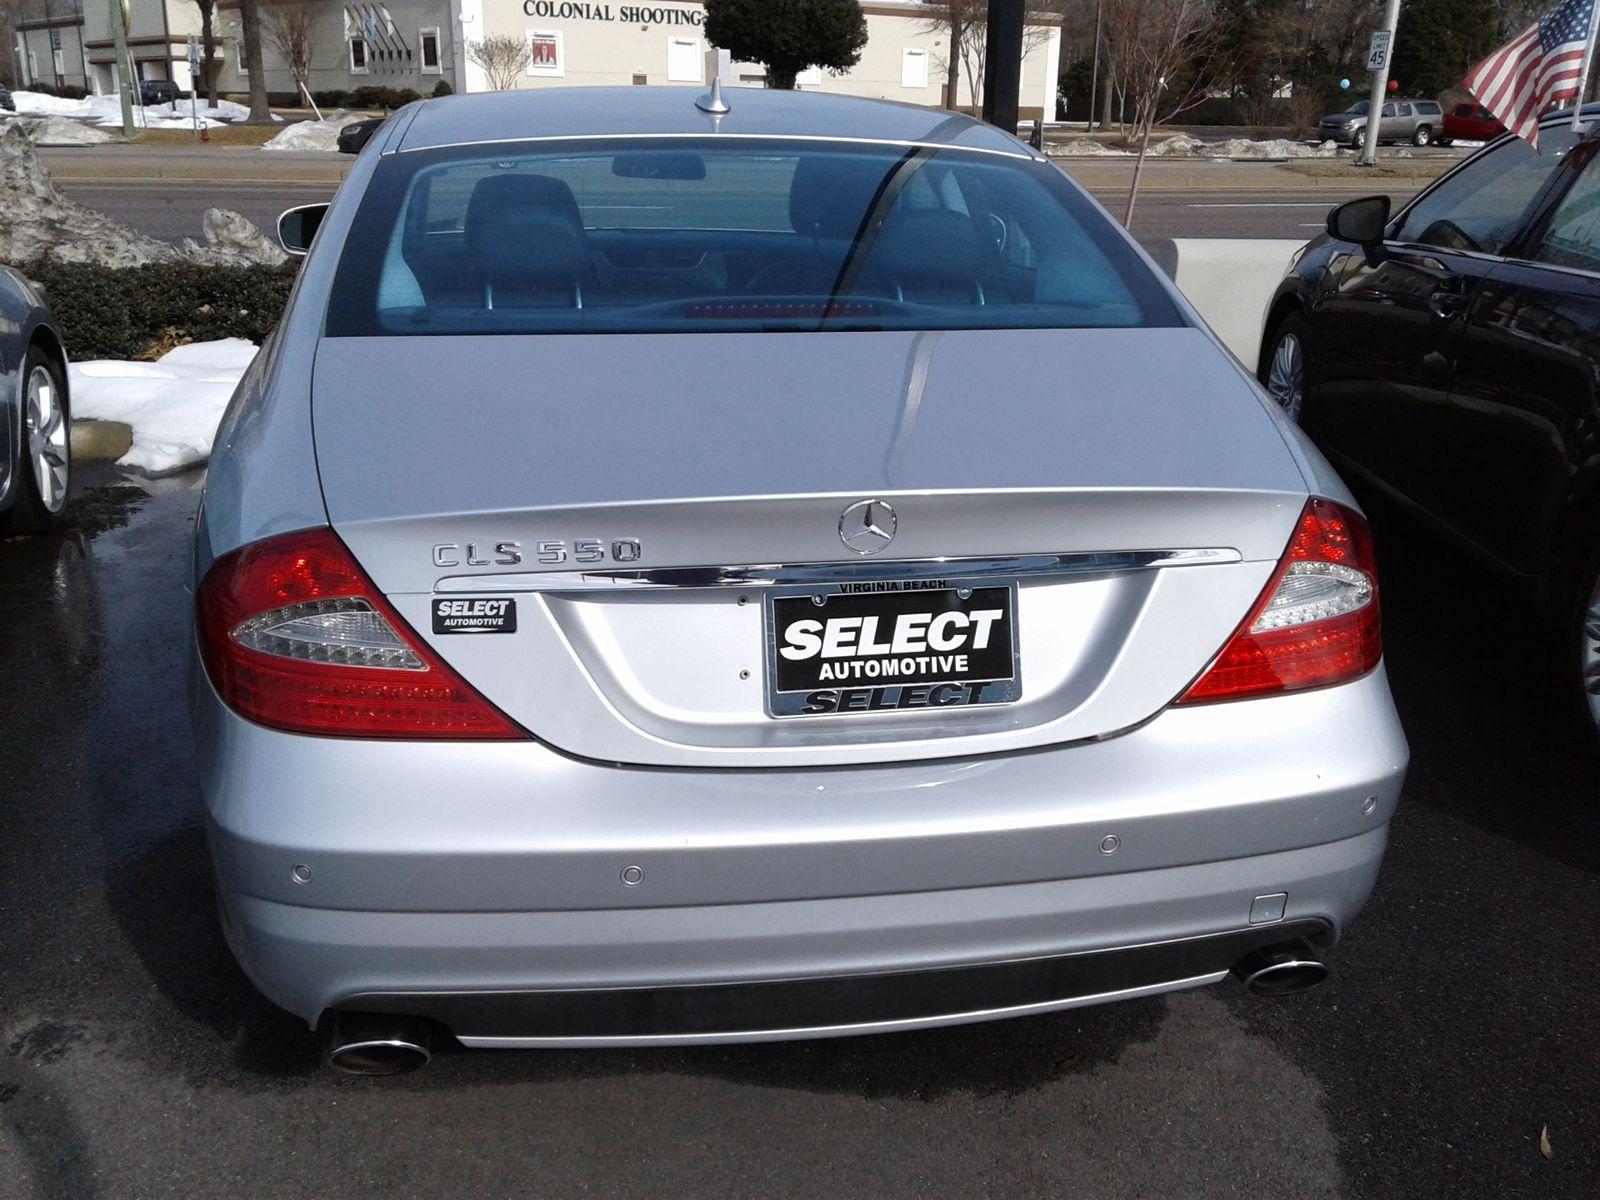 2009 Mercedes-Benz CLS550 55L city Virginia Select Automotive (VA)